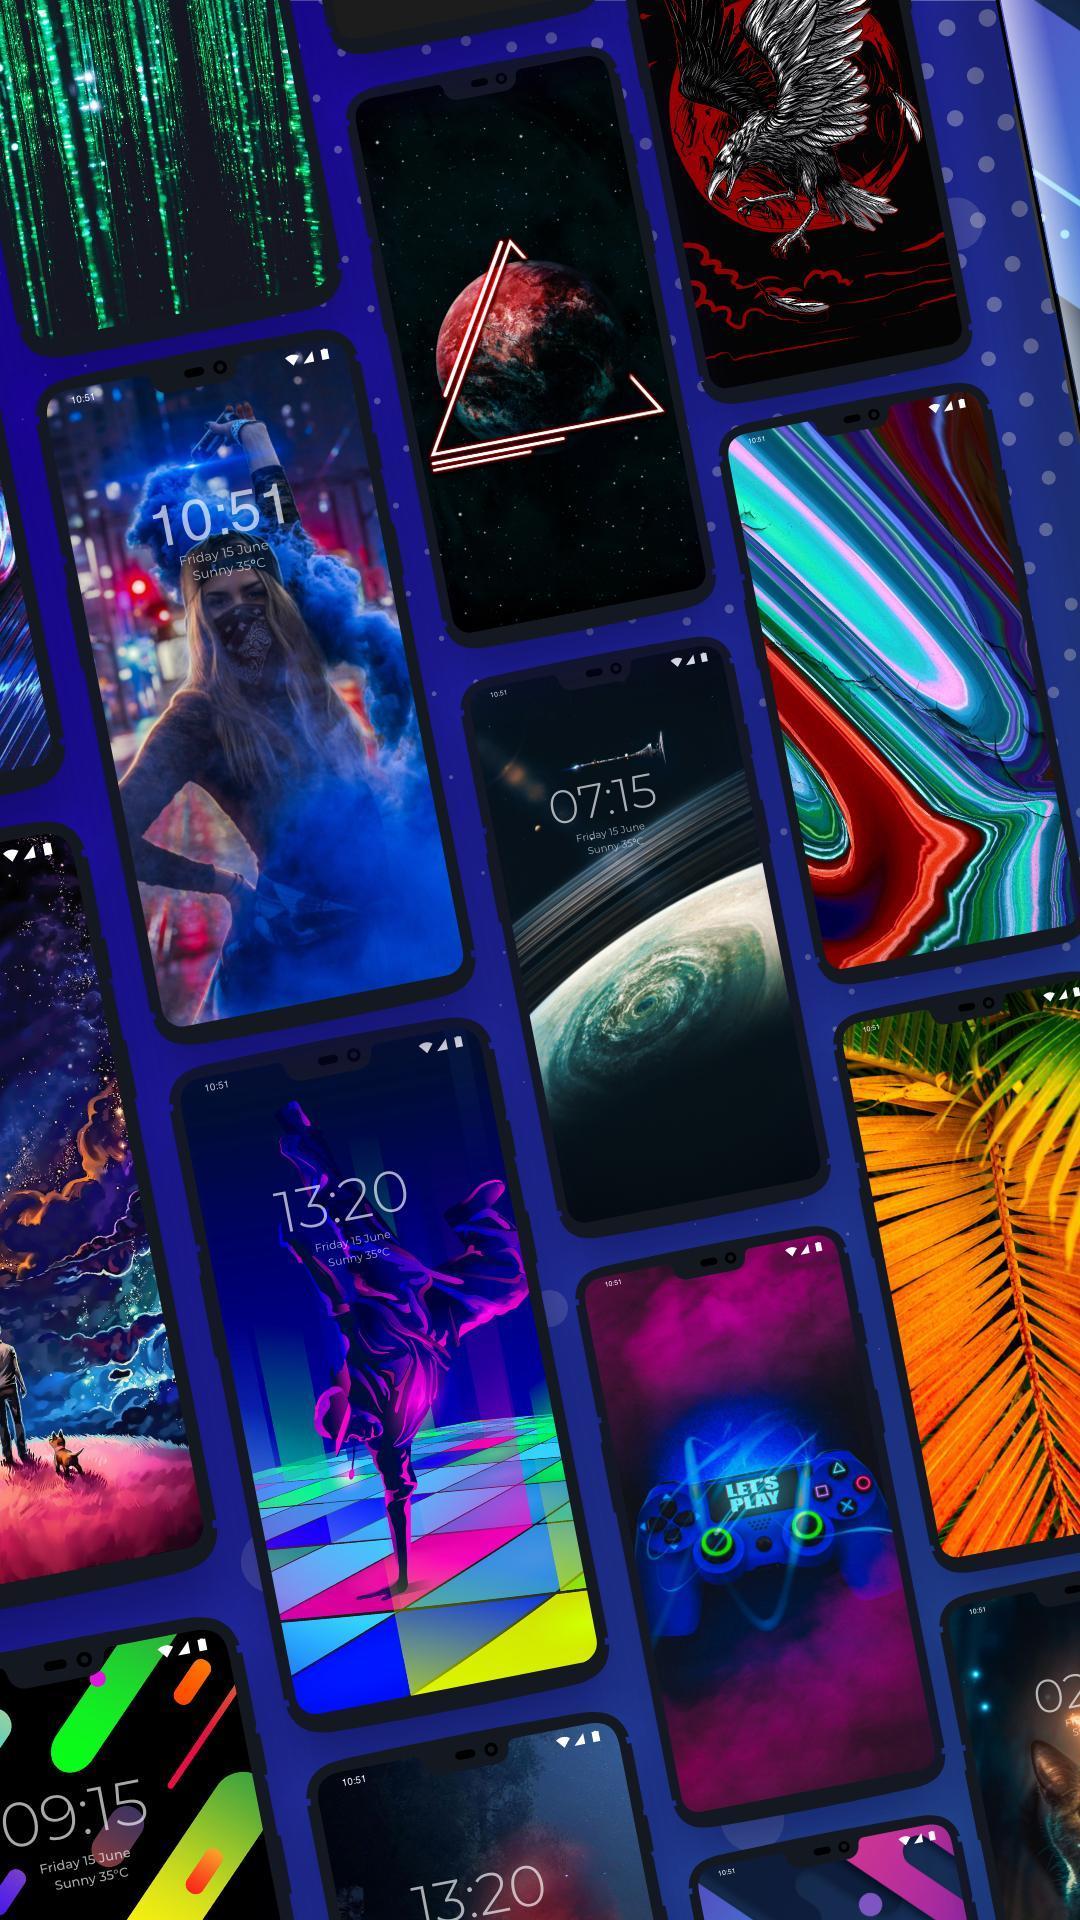 Fonds D Ecran Ultra Hd 4k Pour Android Telechargez L Apk